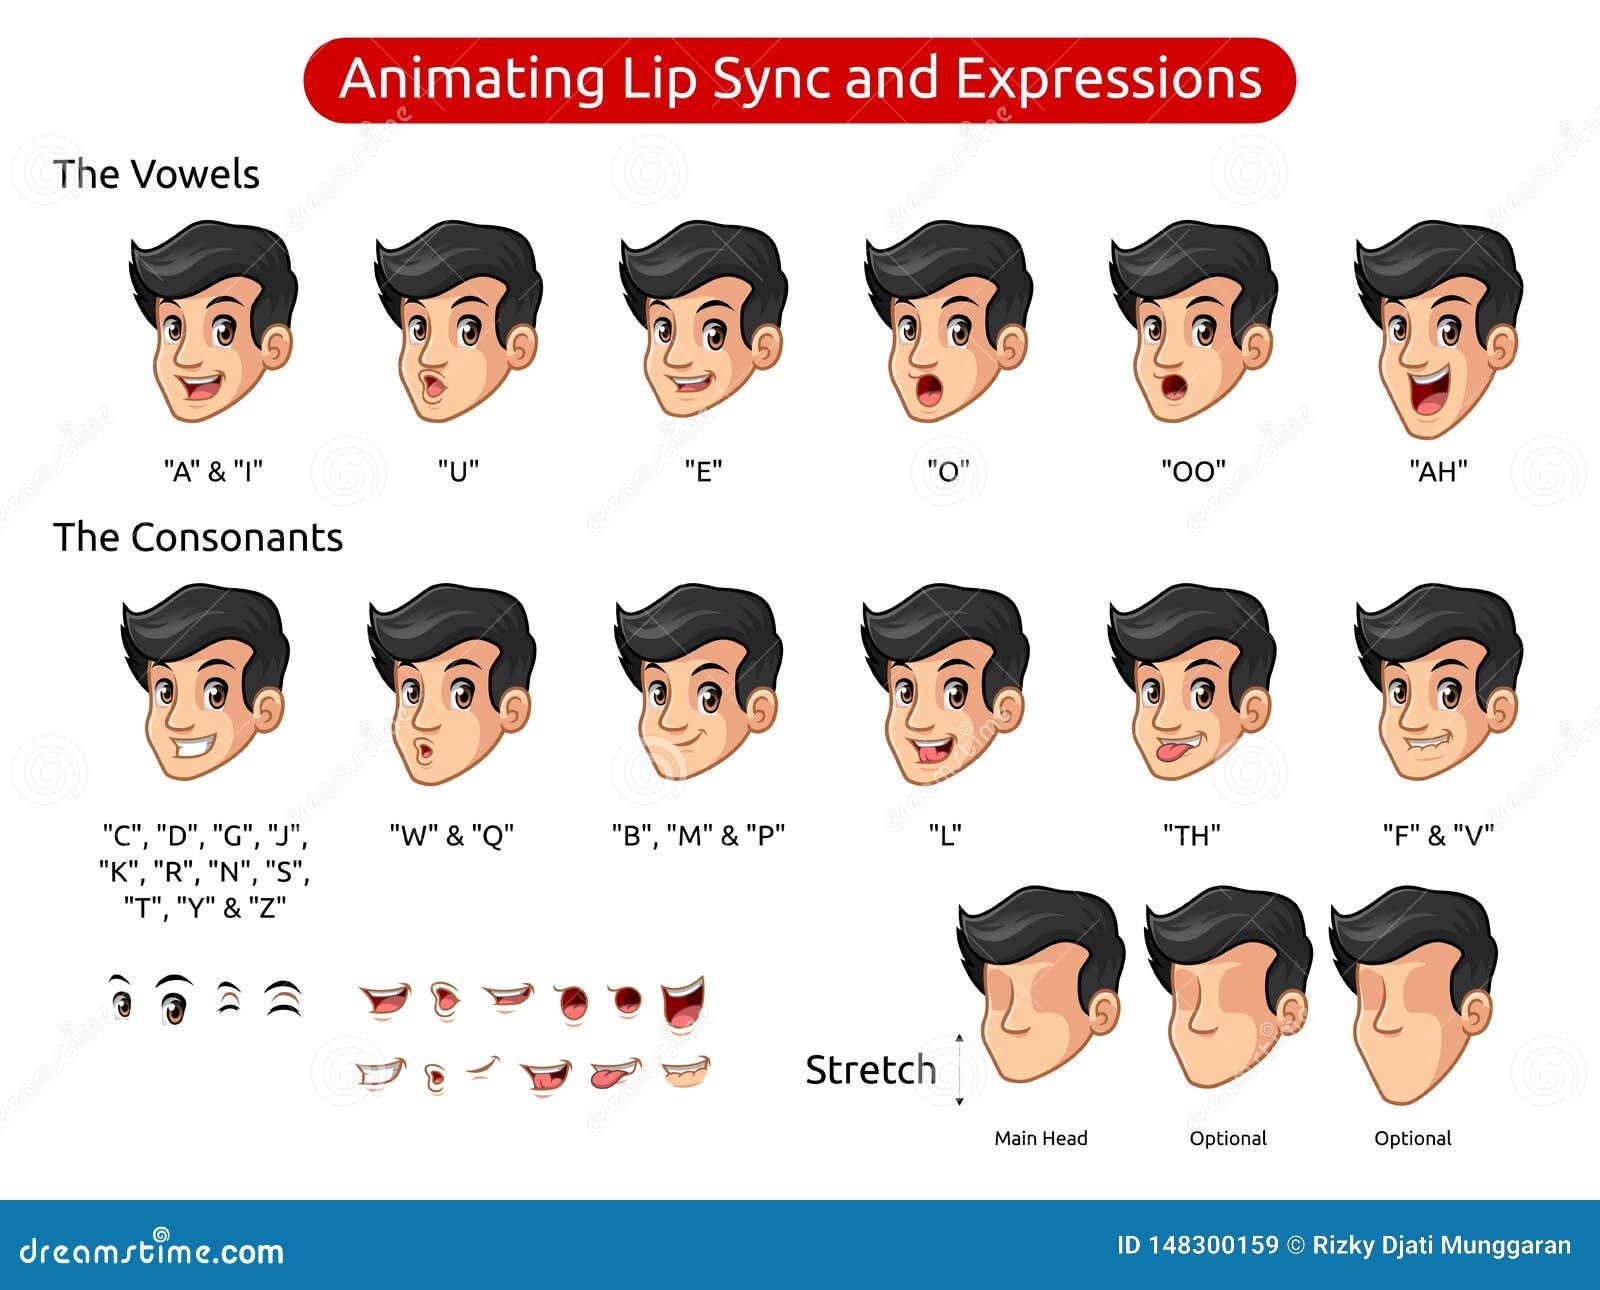 Personaje de dibujos animados del hombre para la sincronizaci?n y las expresiones de animaci?n de labio